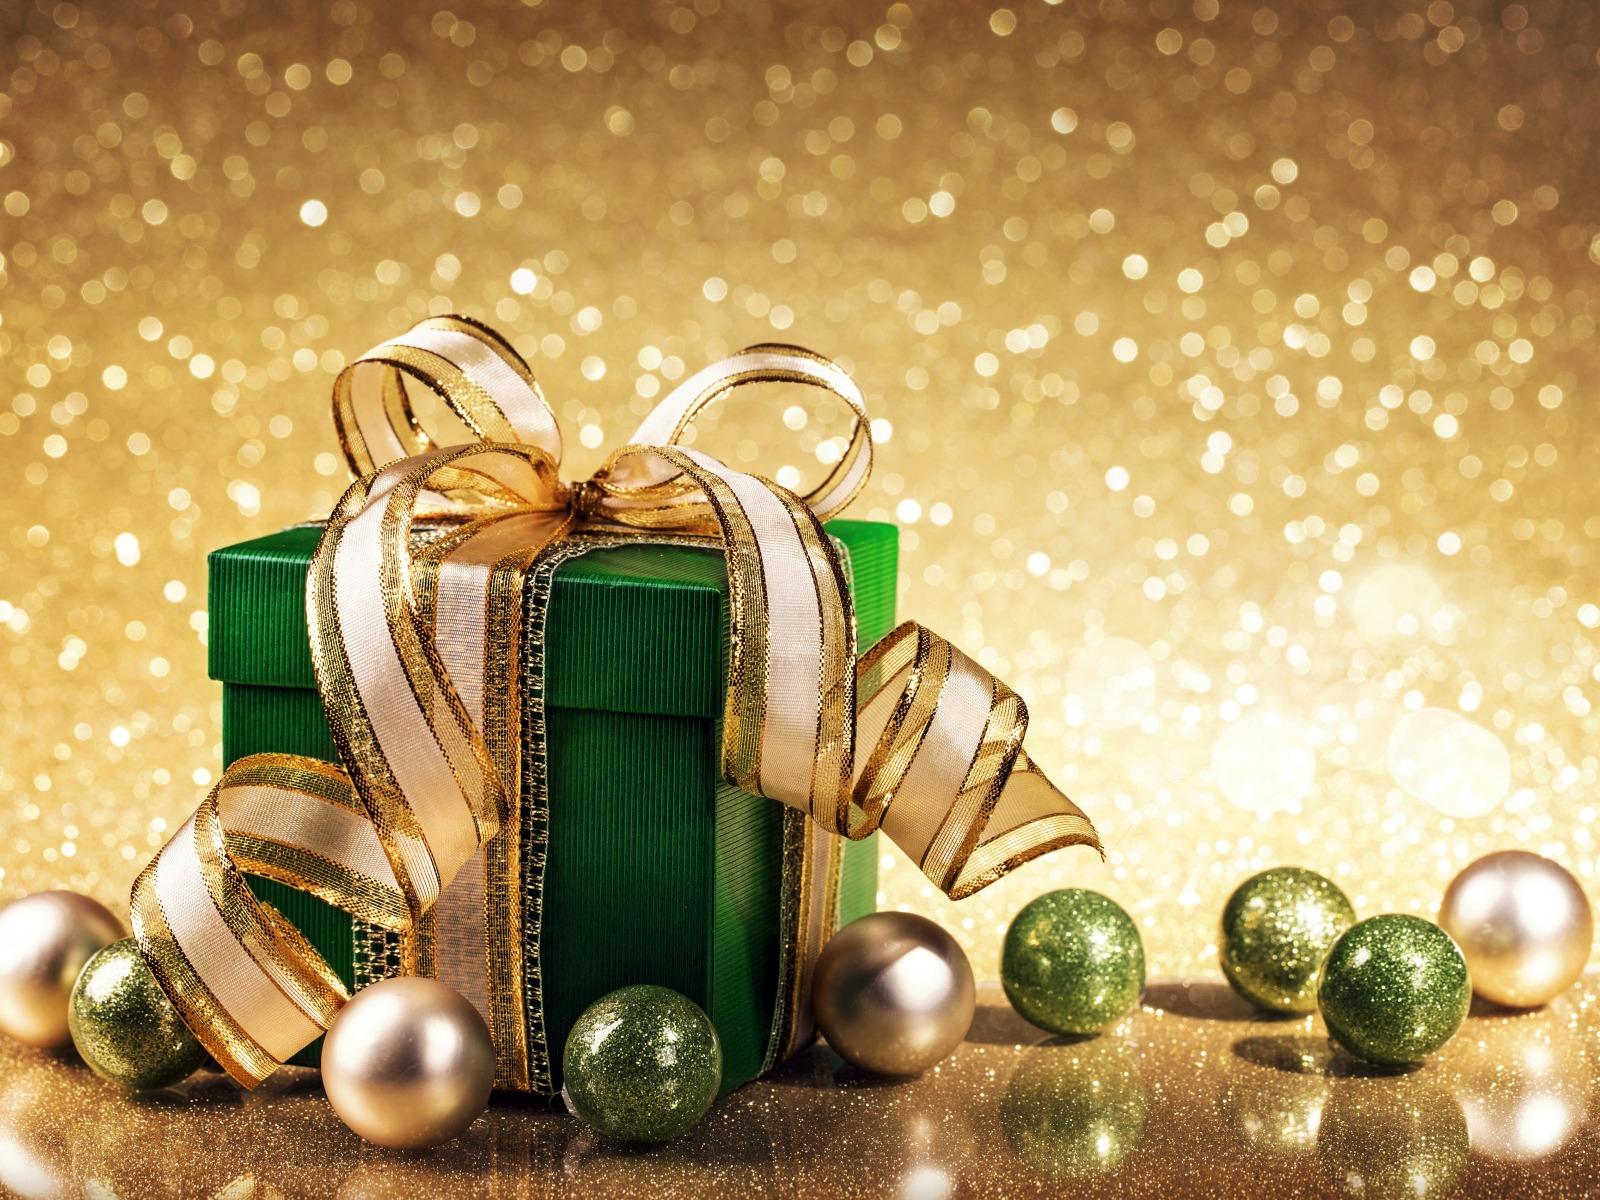 بالصور صور السنه الجديده , اجمل كريسماس بالصور والعام الجديد 467 2